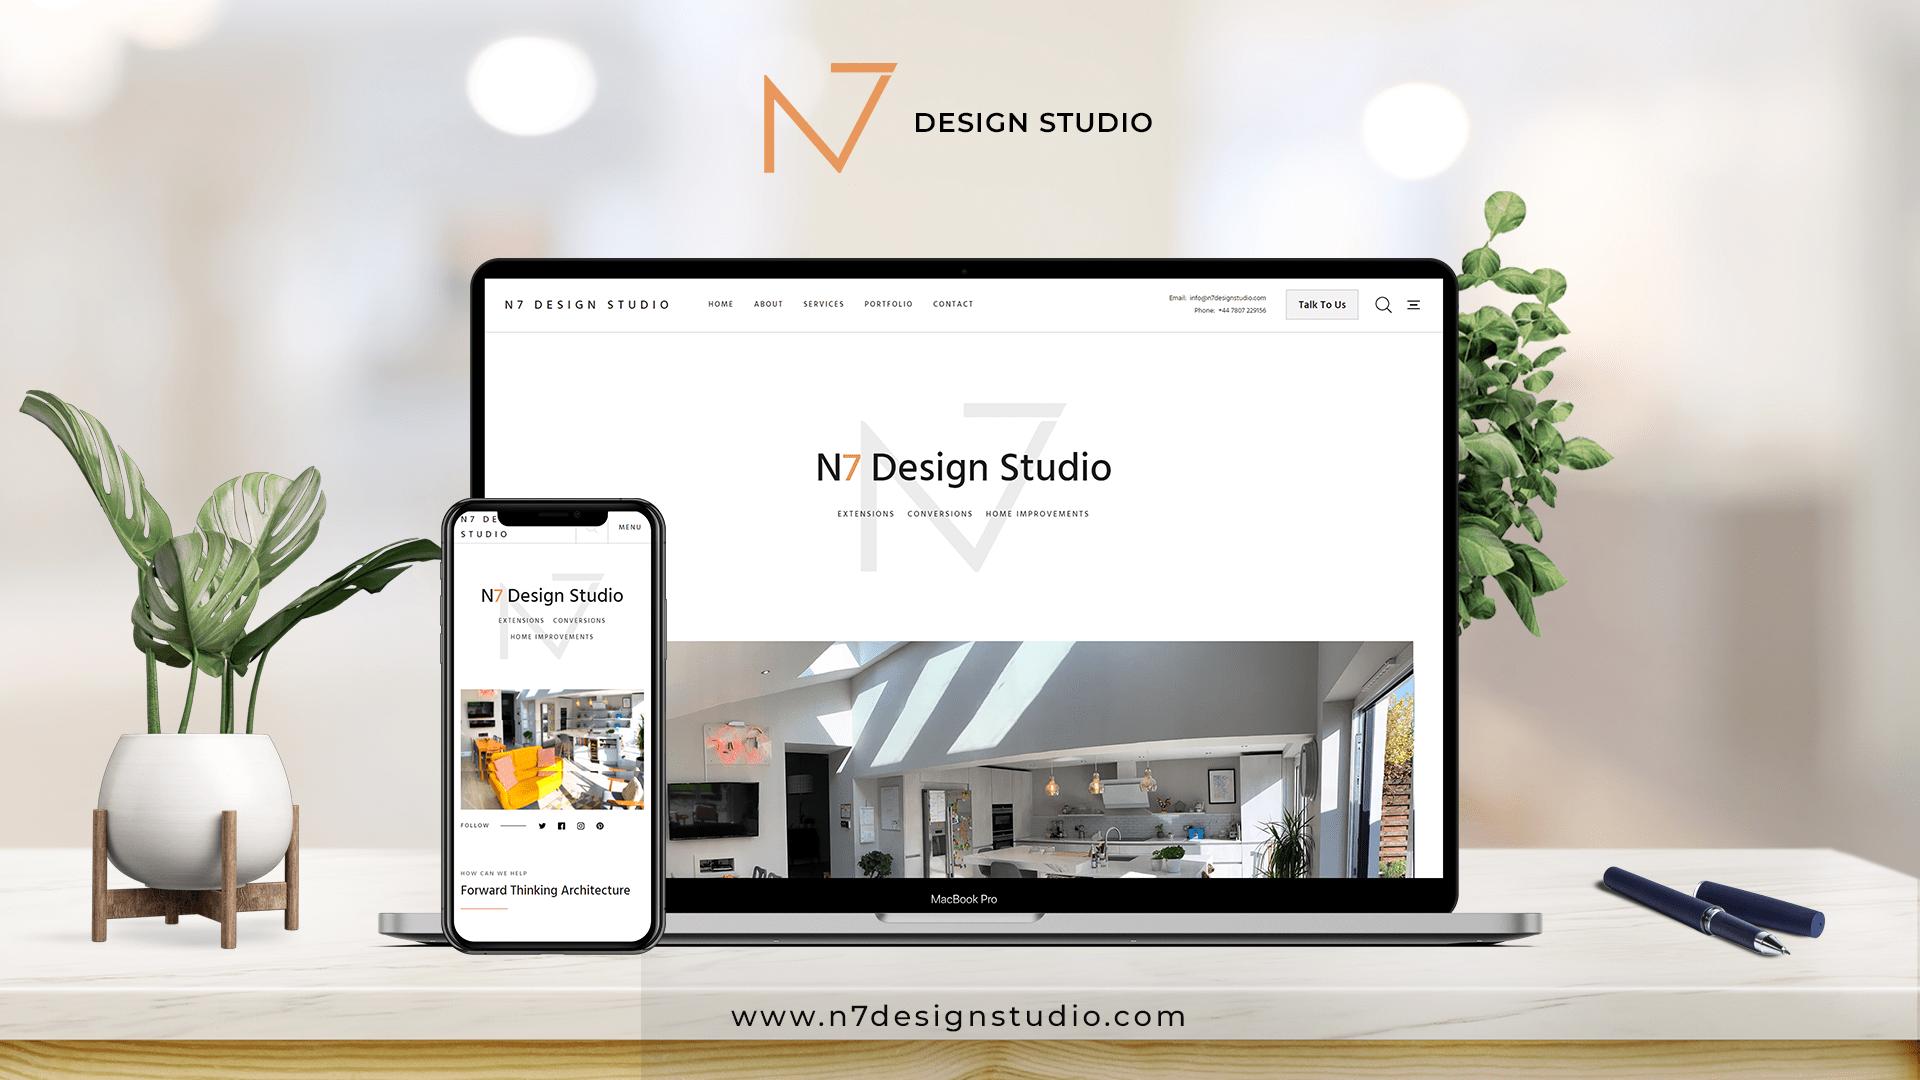 N7 Design Studio